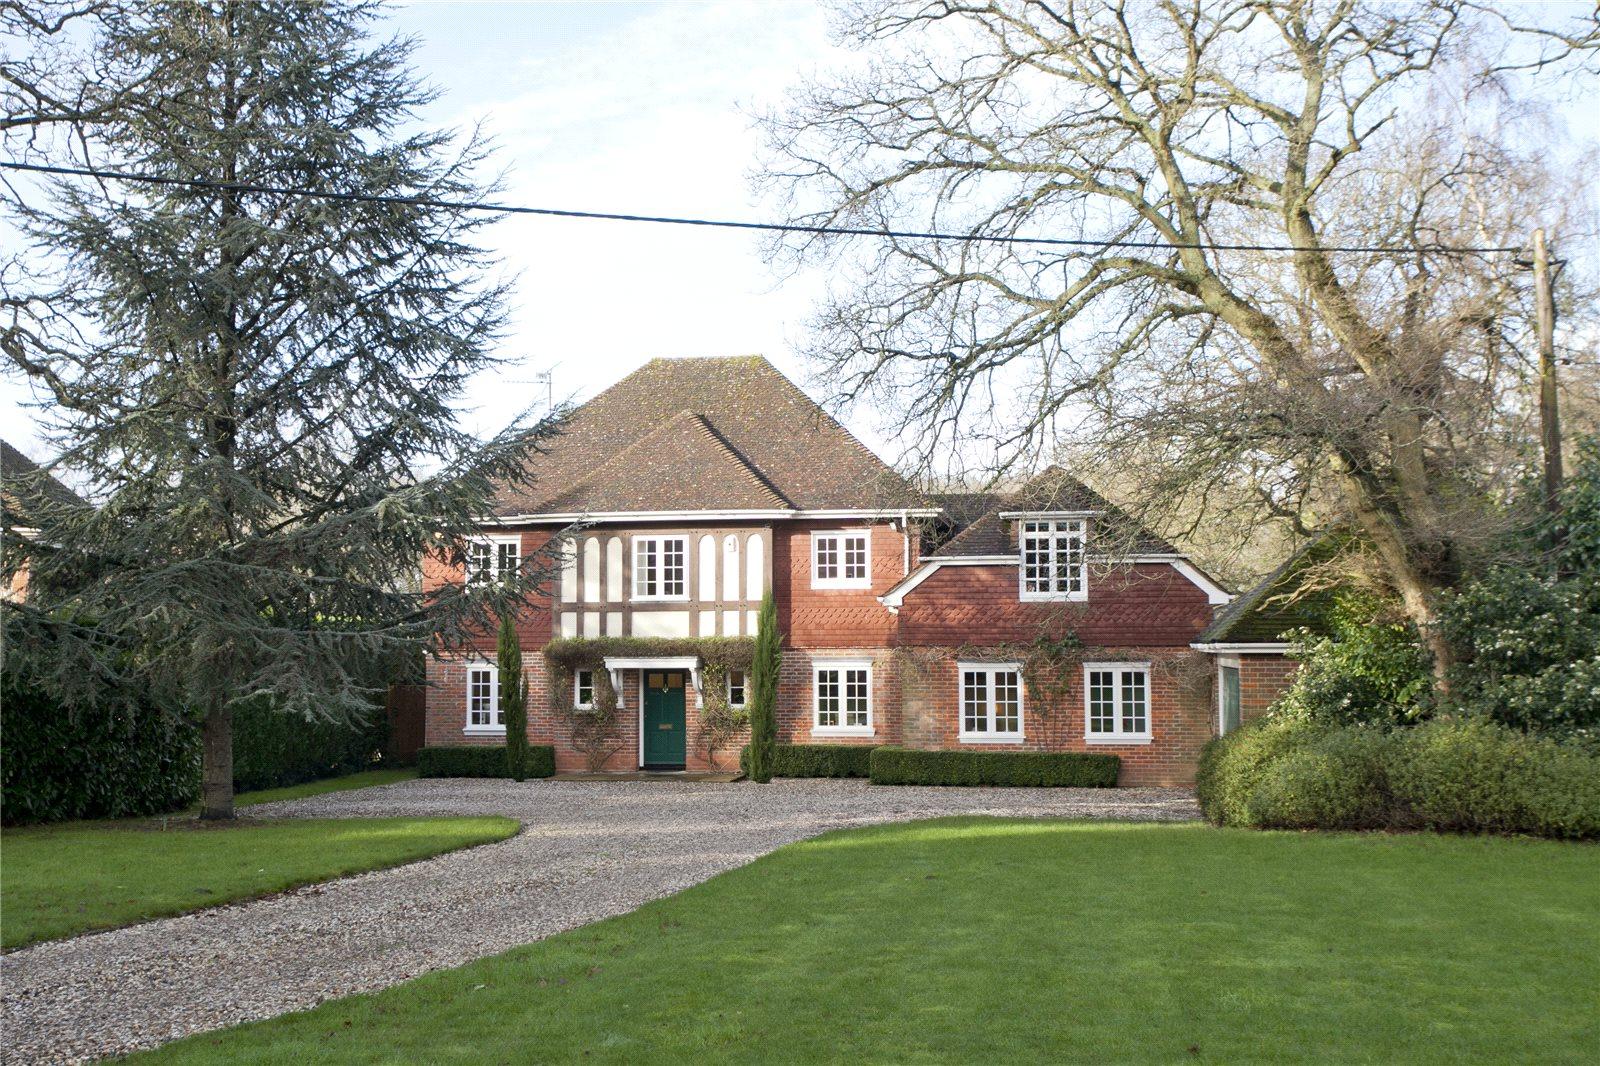 단독 가정 주택 용 매매 에 Bethesda Street, Upper Basildon, Reading, West Berkshire, RG8 West Berkshire, 영국